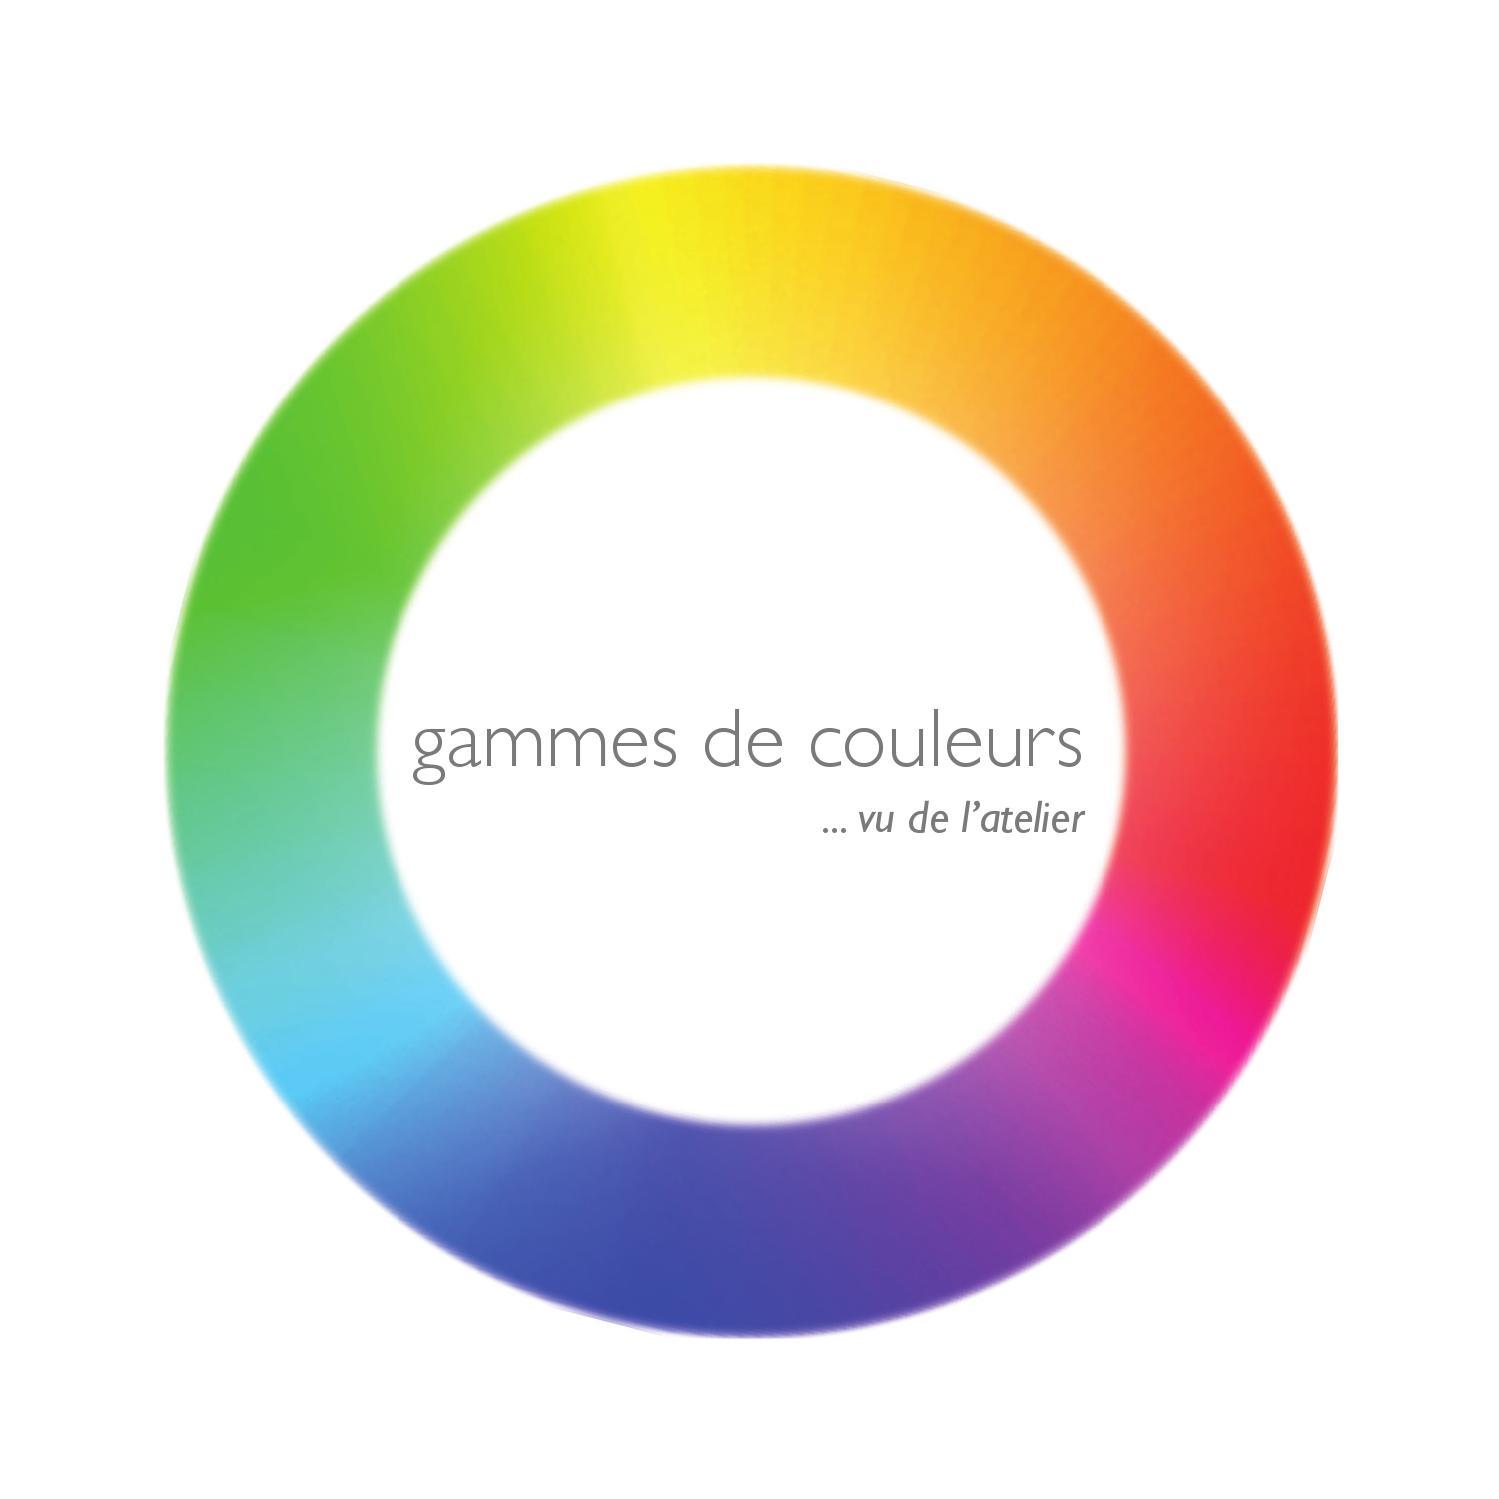 20 couleurs de gammes gammes de couleurs by a3dc atelier 3d couleur issuu. Black Bedroom Furniture Sets. Home Design Ideas